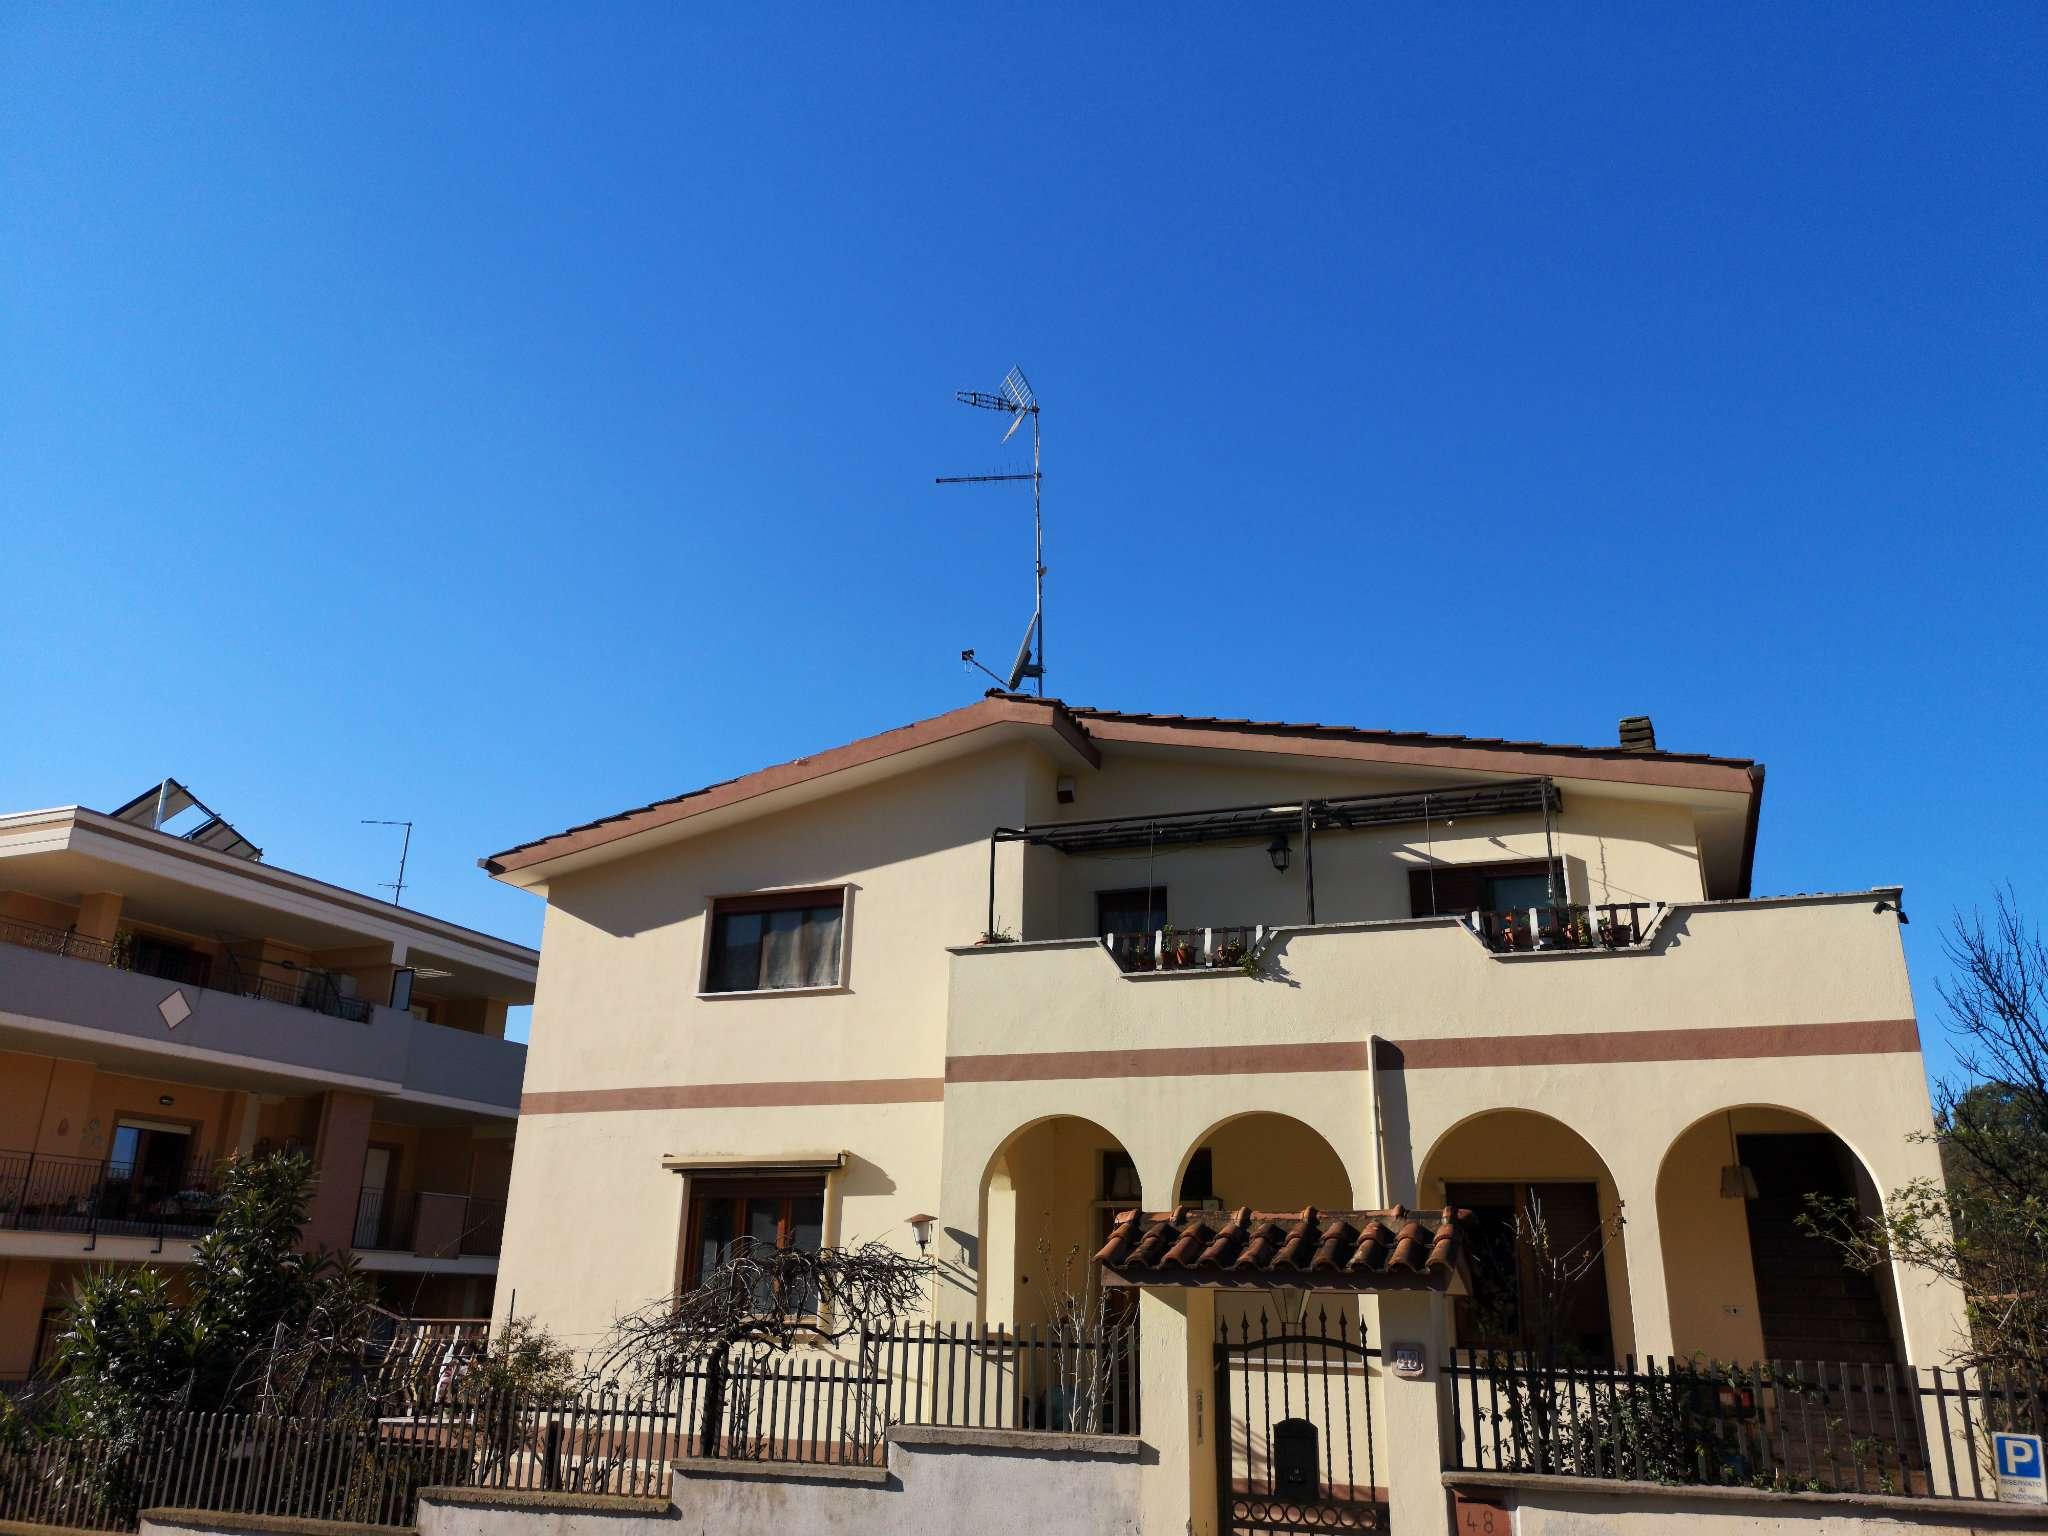 Villa in vendita a Roma, 6 locali, zona Zona: 33 . Quarto Casale, Labaro, Valle Muricana, Prima Porta, prezzo € 480.000 | CambioCasa.it